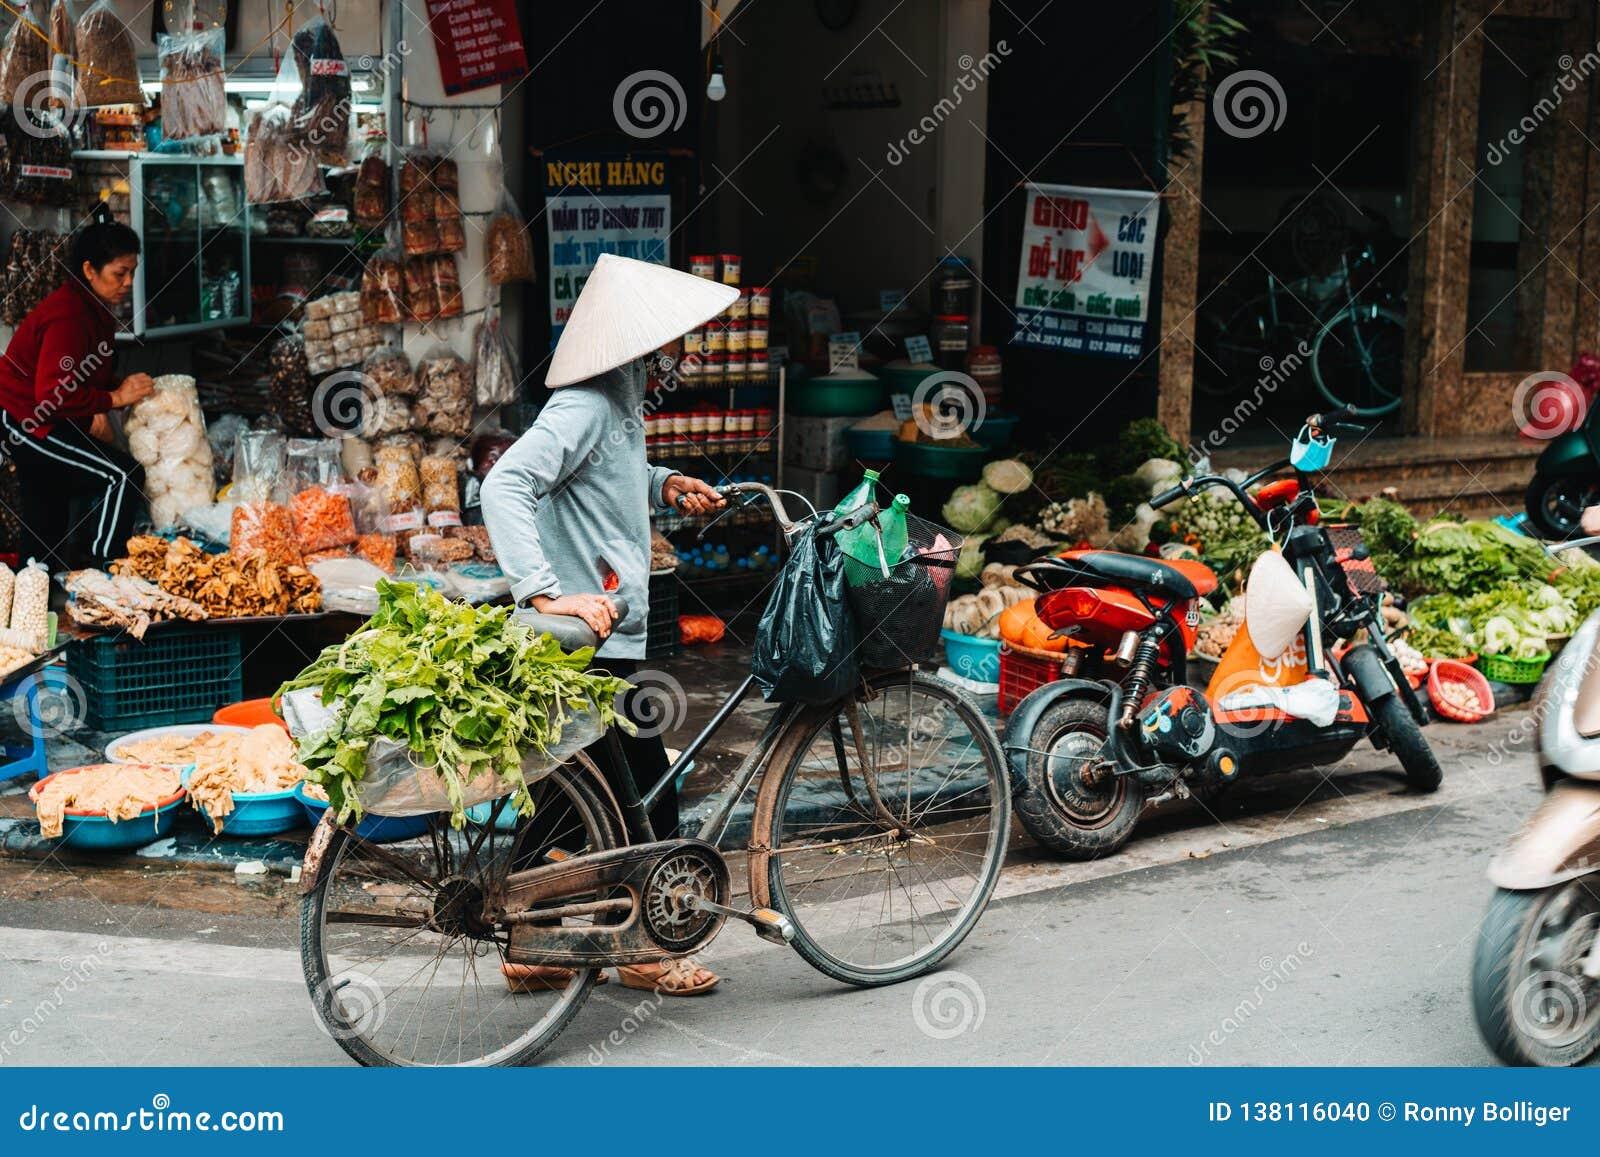 Hanoi, Vietnam, 12 20 18: Het leven in de straat in Hanoi De verkopers proberen om hun goederen in de bezige straten van Hanoi te